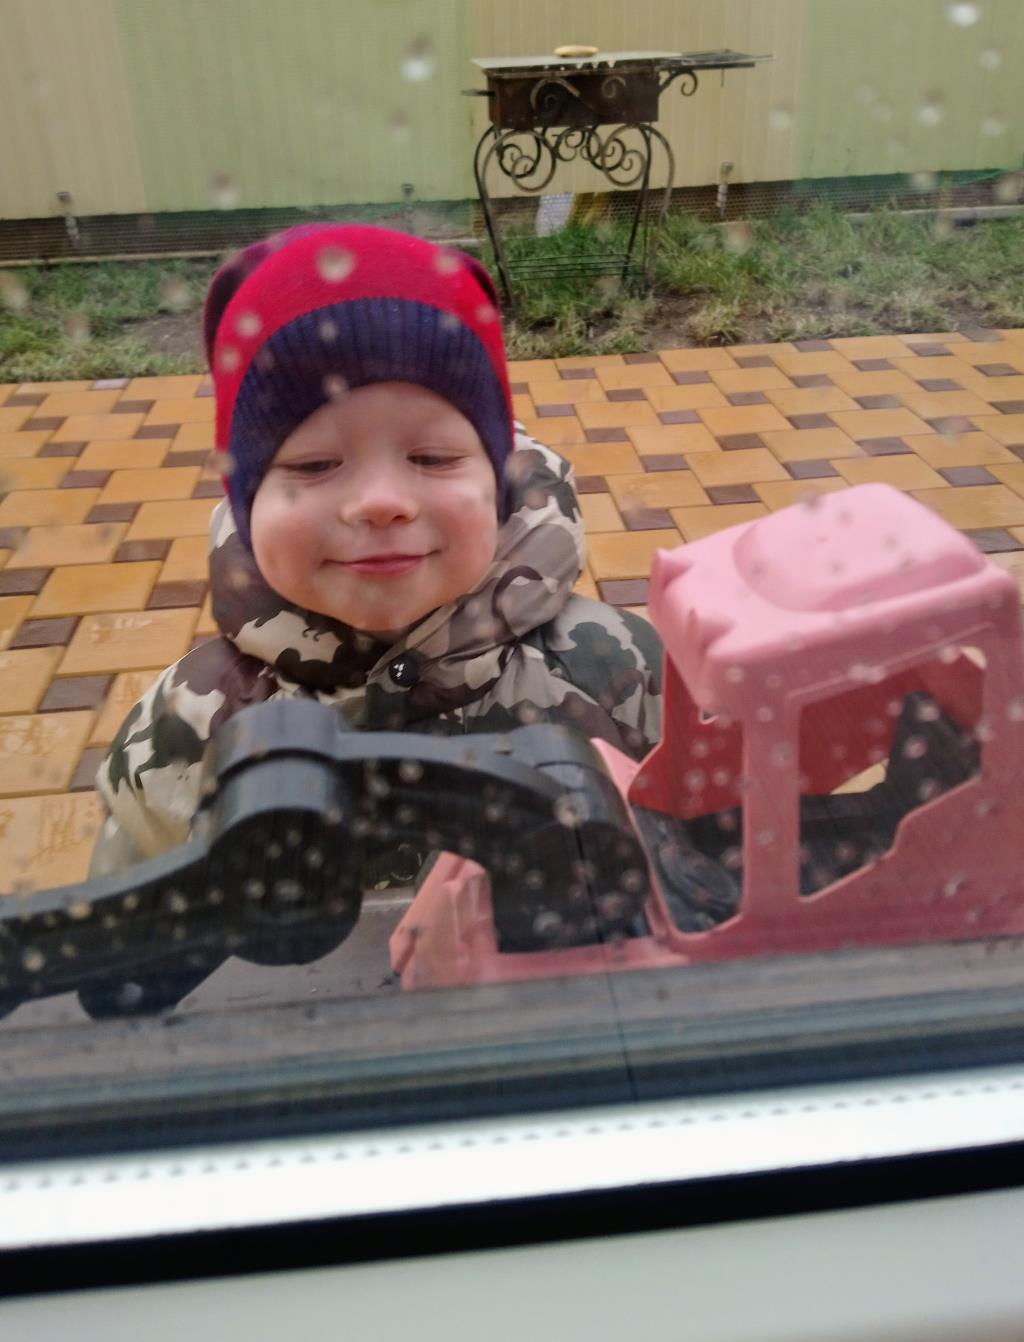 Счастье это гулять под дождем и новый грузовик . Счастье есть!